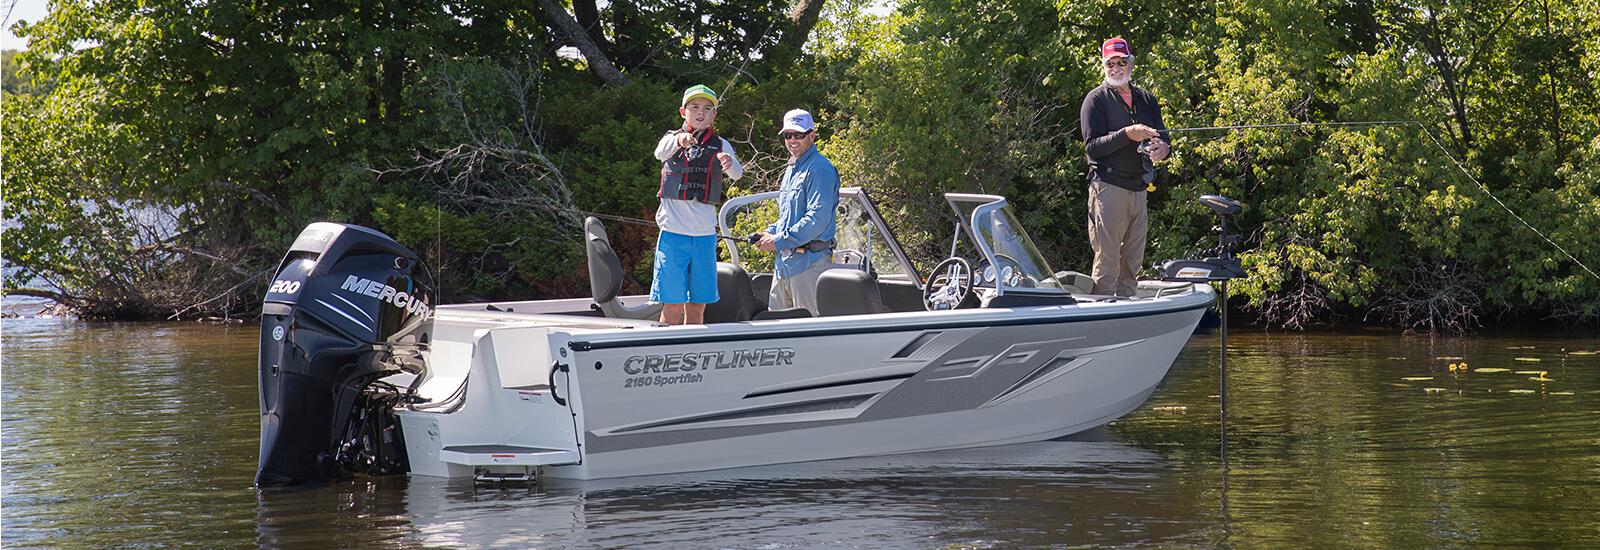 hight resolution of crestliner 2150 sportfish 21 foot aluminum fishing sport boat 2150 sportfish crestliner boat wiring diagrams